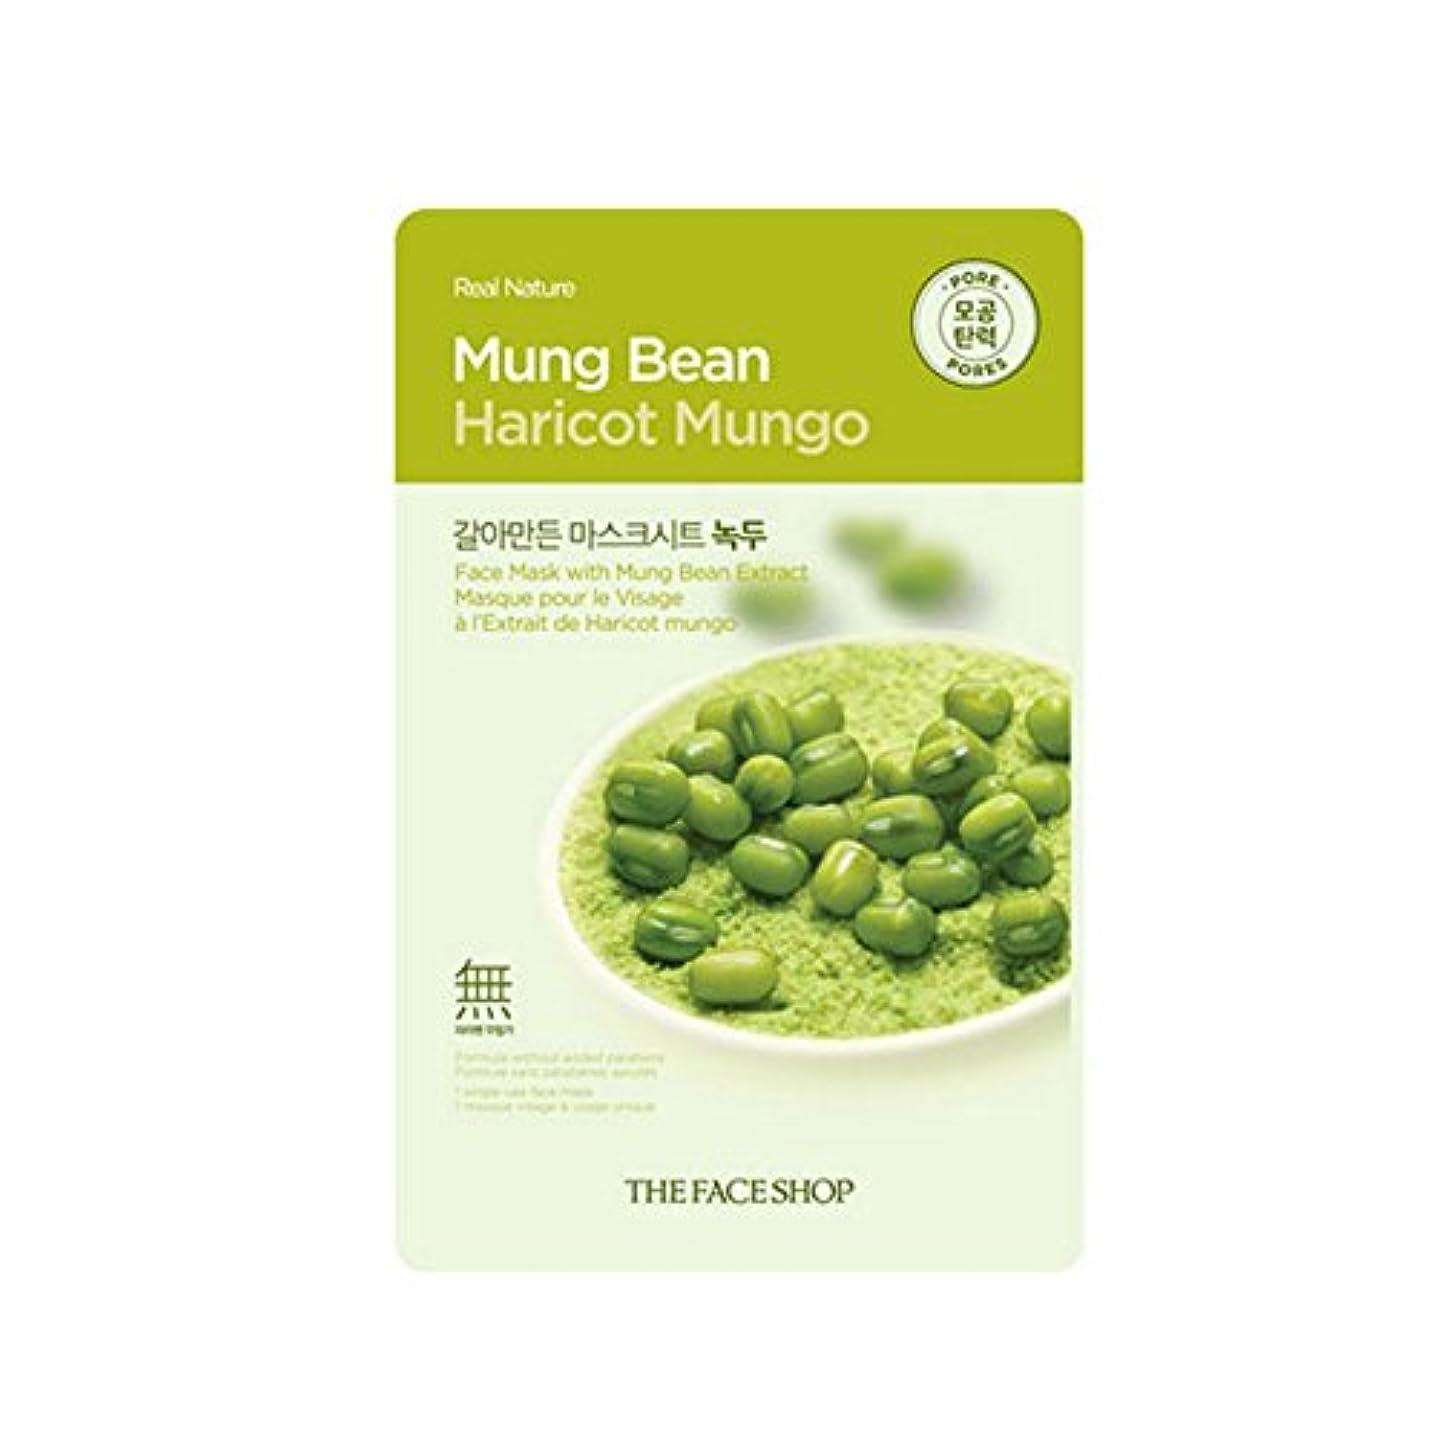 測定可能義務変装[The Face Shop] ザフェイスショップ リアルネイチャーマスクシート Real Nature Mask Sheet (Mung Bean (緑豆) 10個) [並行輸入品]